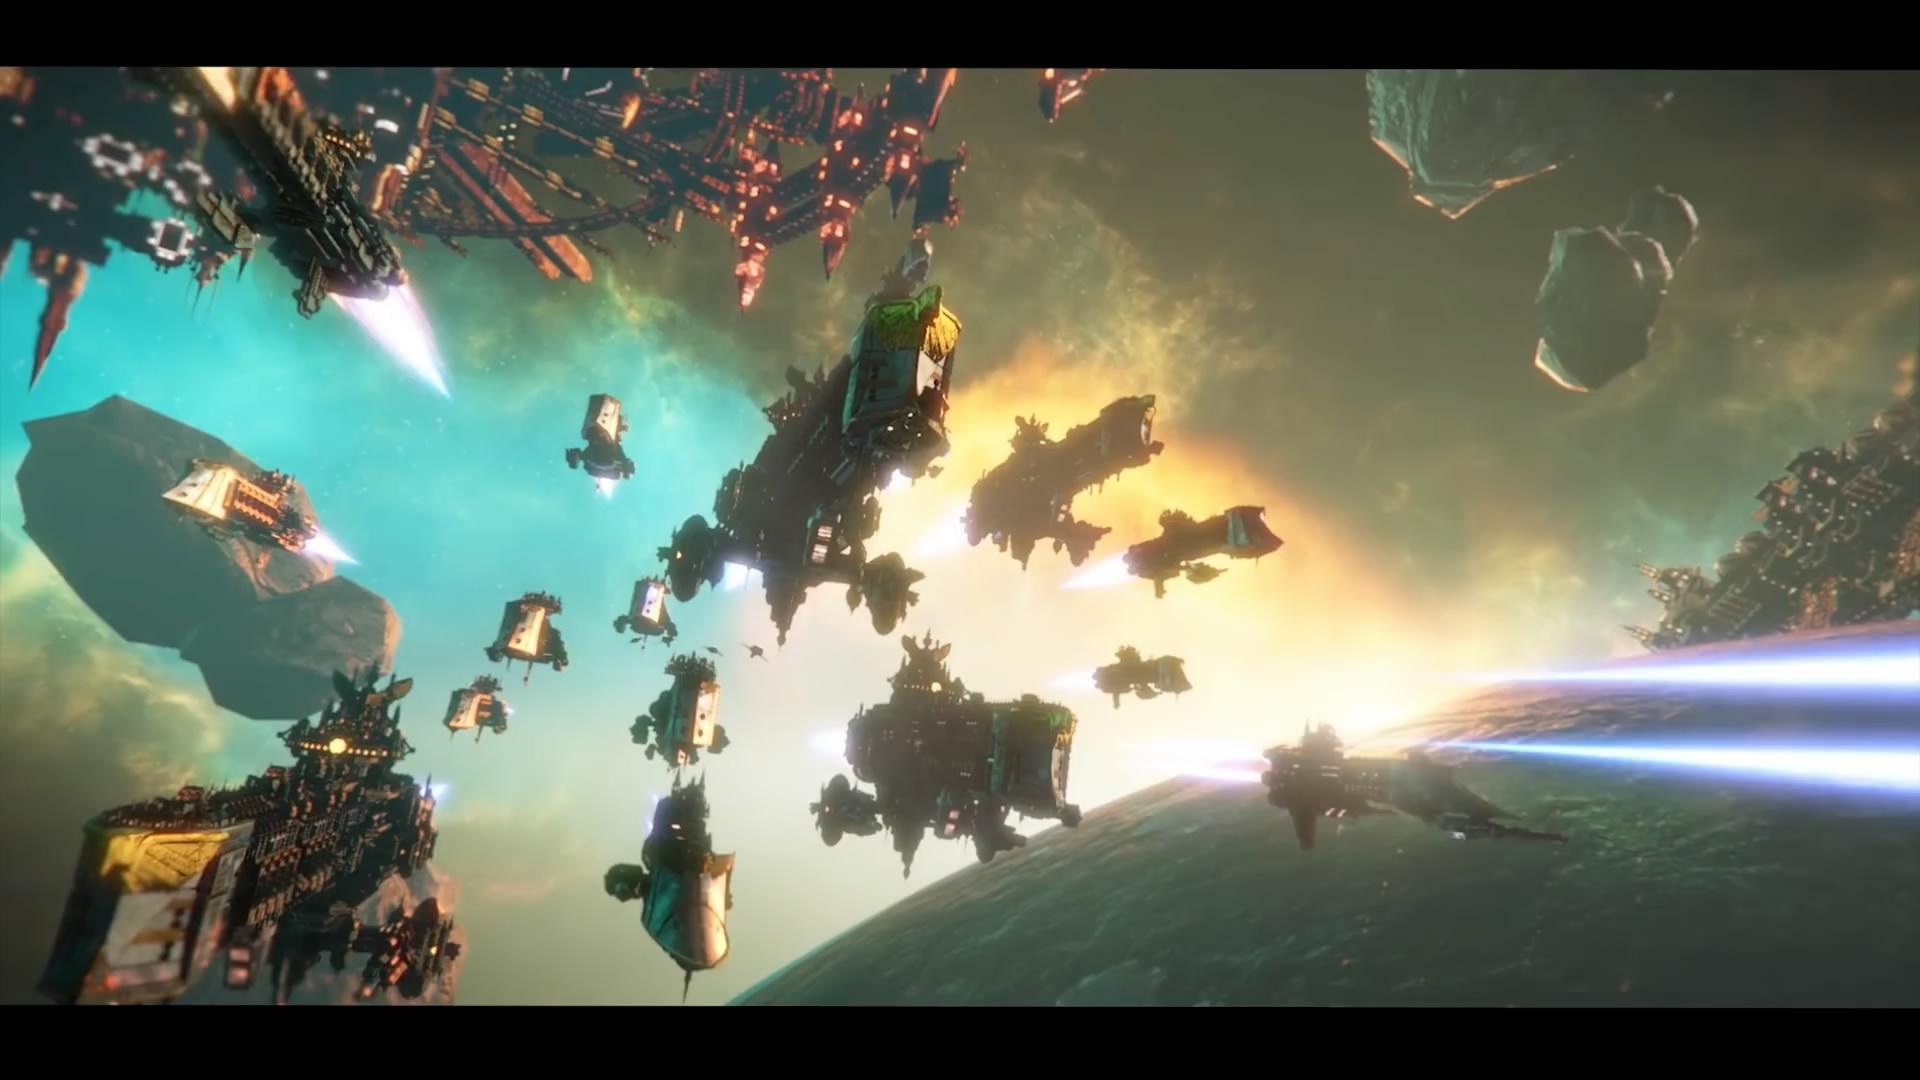 《哥特舰队:阿玛达2》新v舰队视频视频宇宙疯跳舞战舰格斗图片